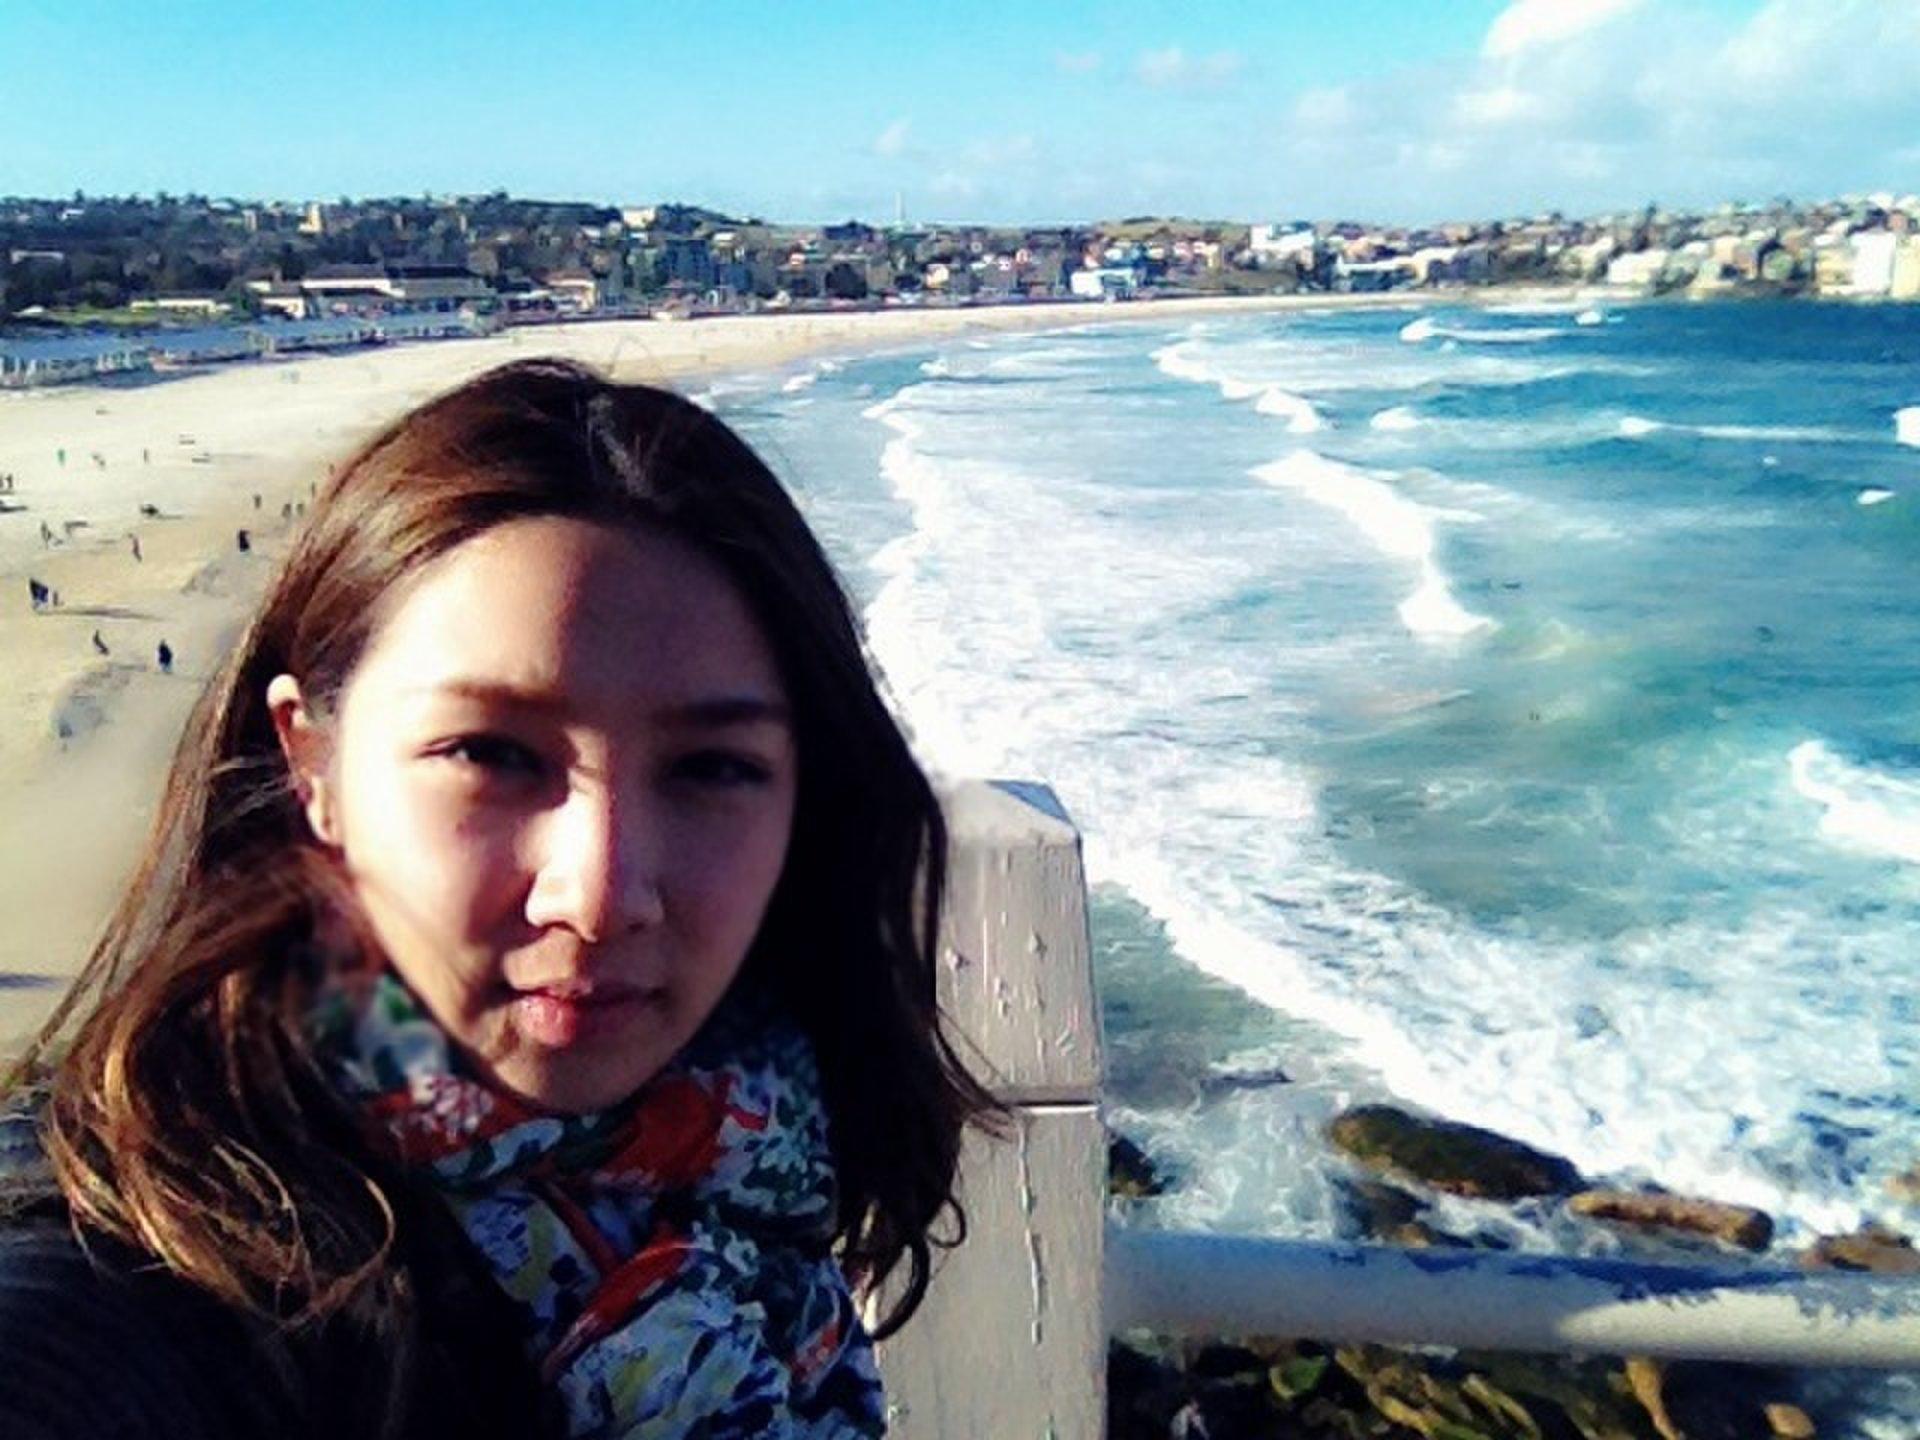 【シドニー】休日は≪ボンダイビーチ散歩≫見所満載✡イケメンサーファー沢山♪カフェでまったり‼